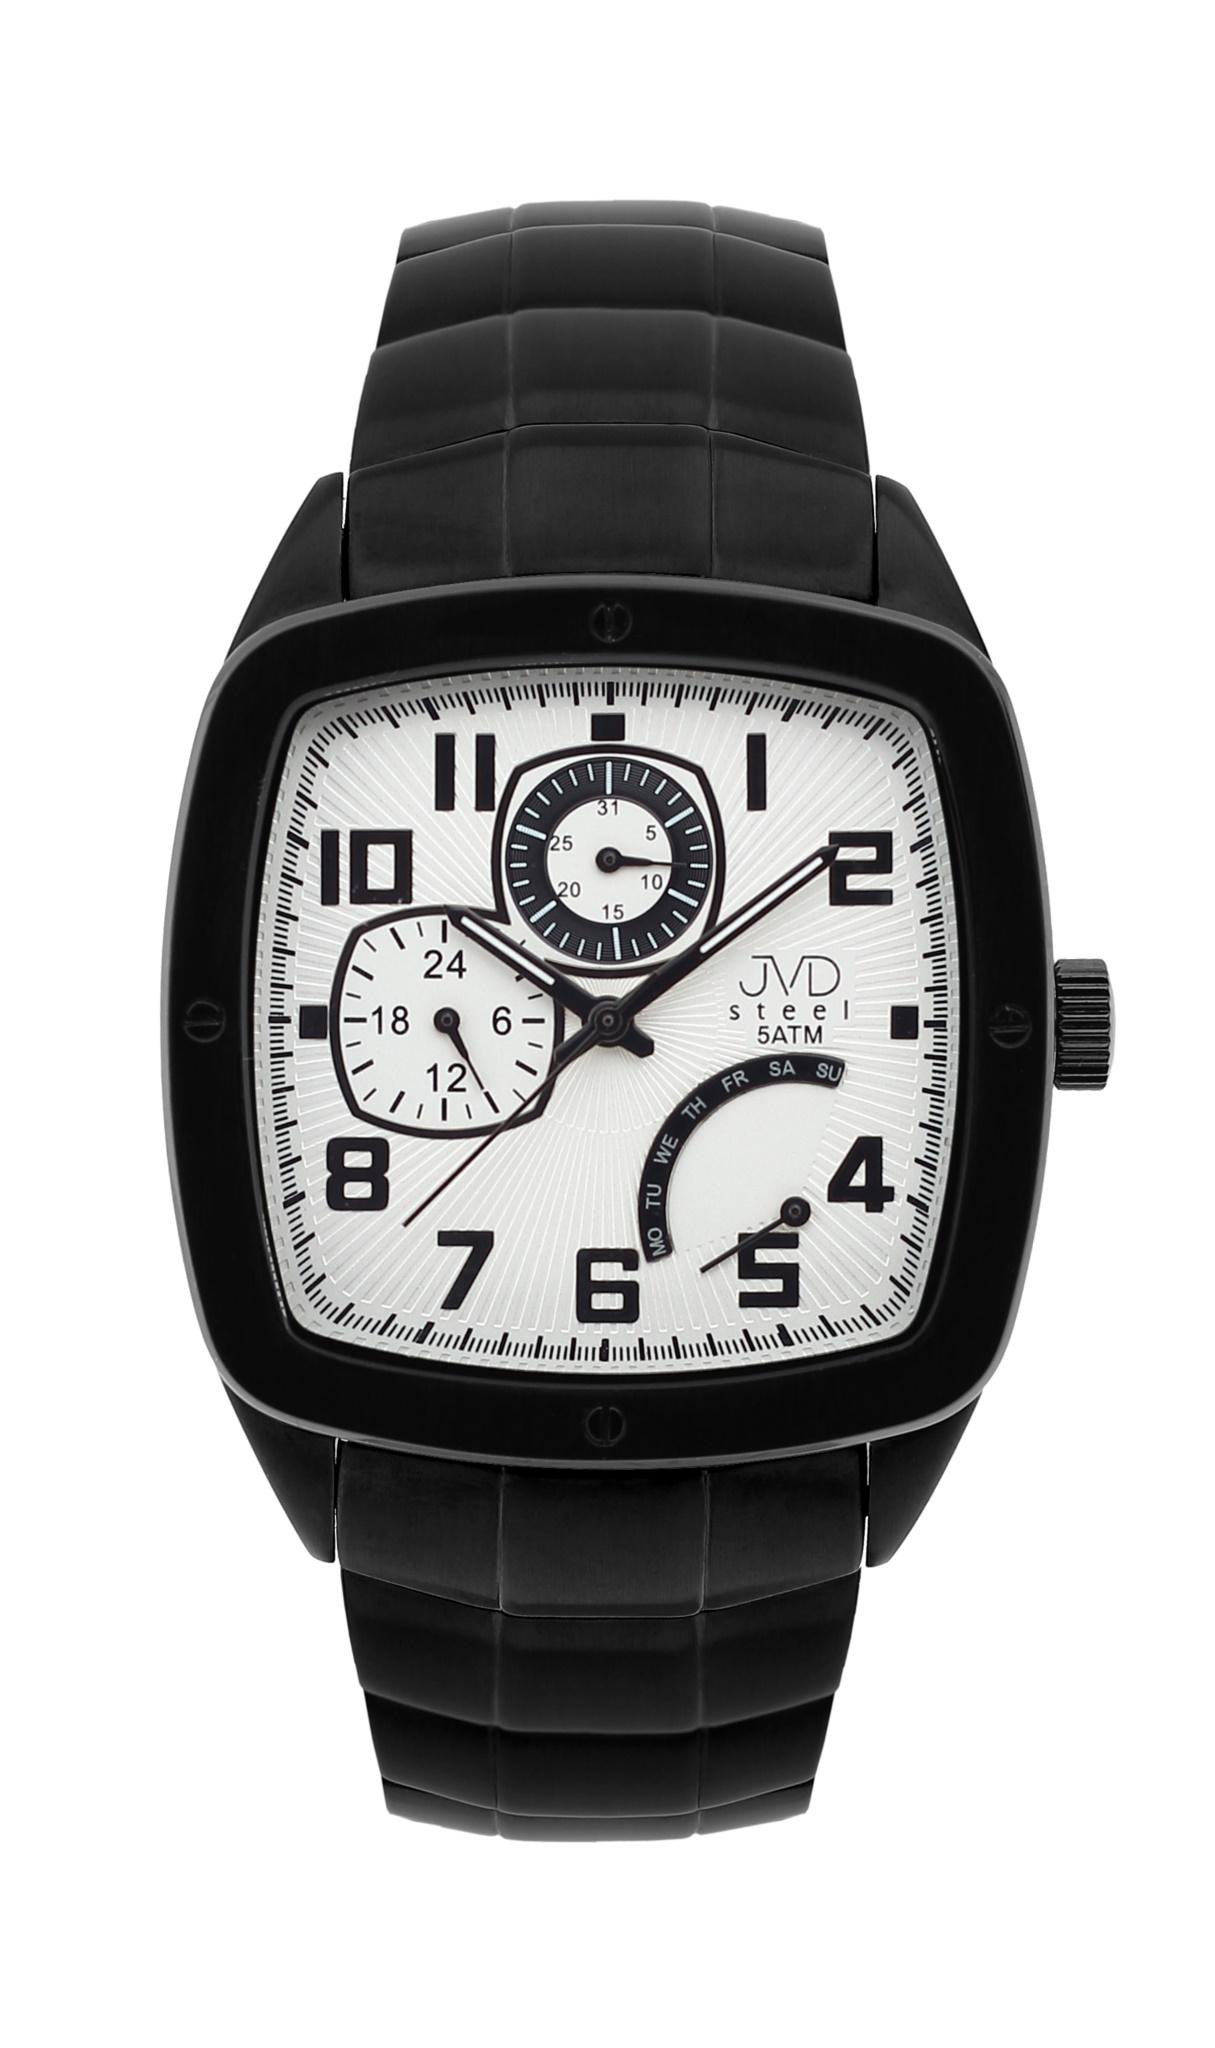 Pánské vodoodolené hranaté exkluzivní náramkové hodinky J1021.2 - 5ATM  (POŠTOVNÉ ZDARMA! 296a594e79